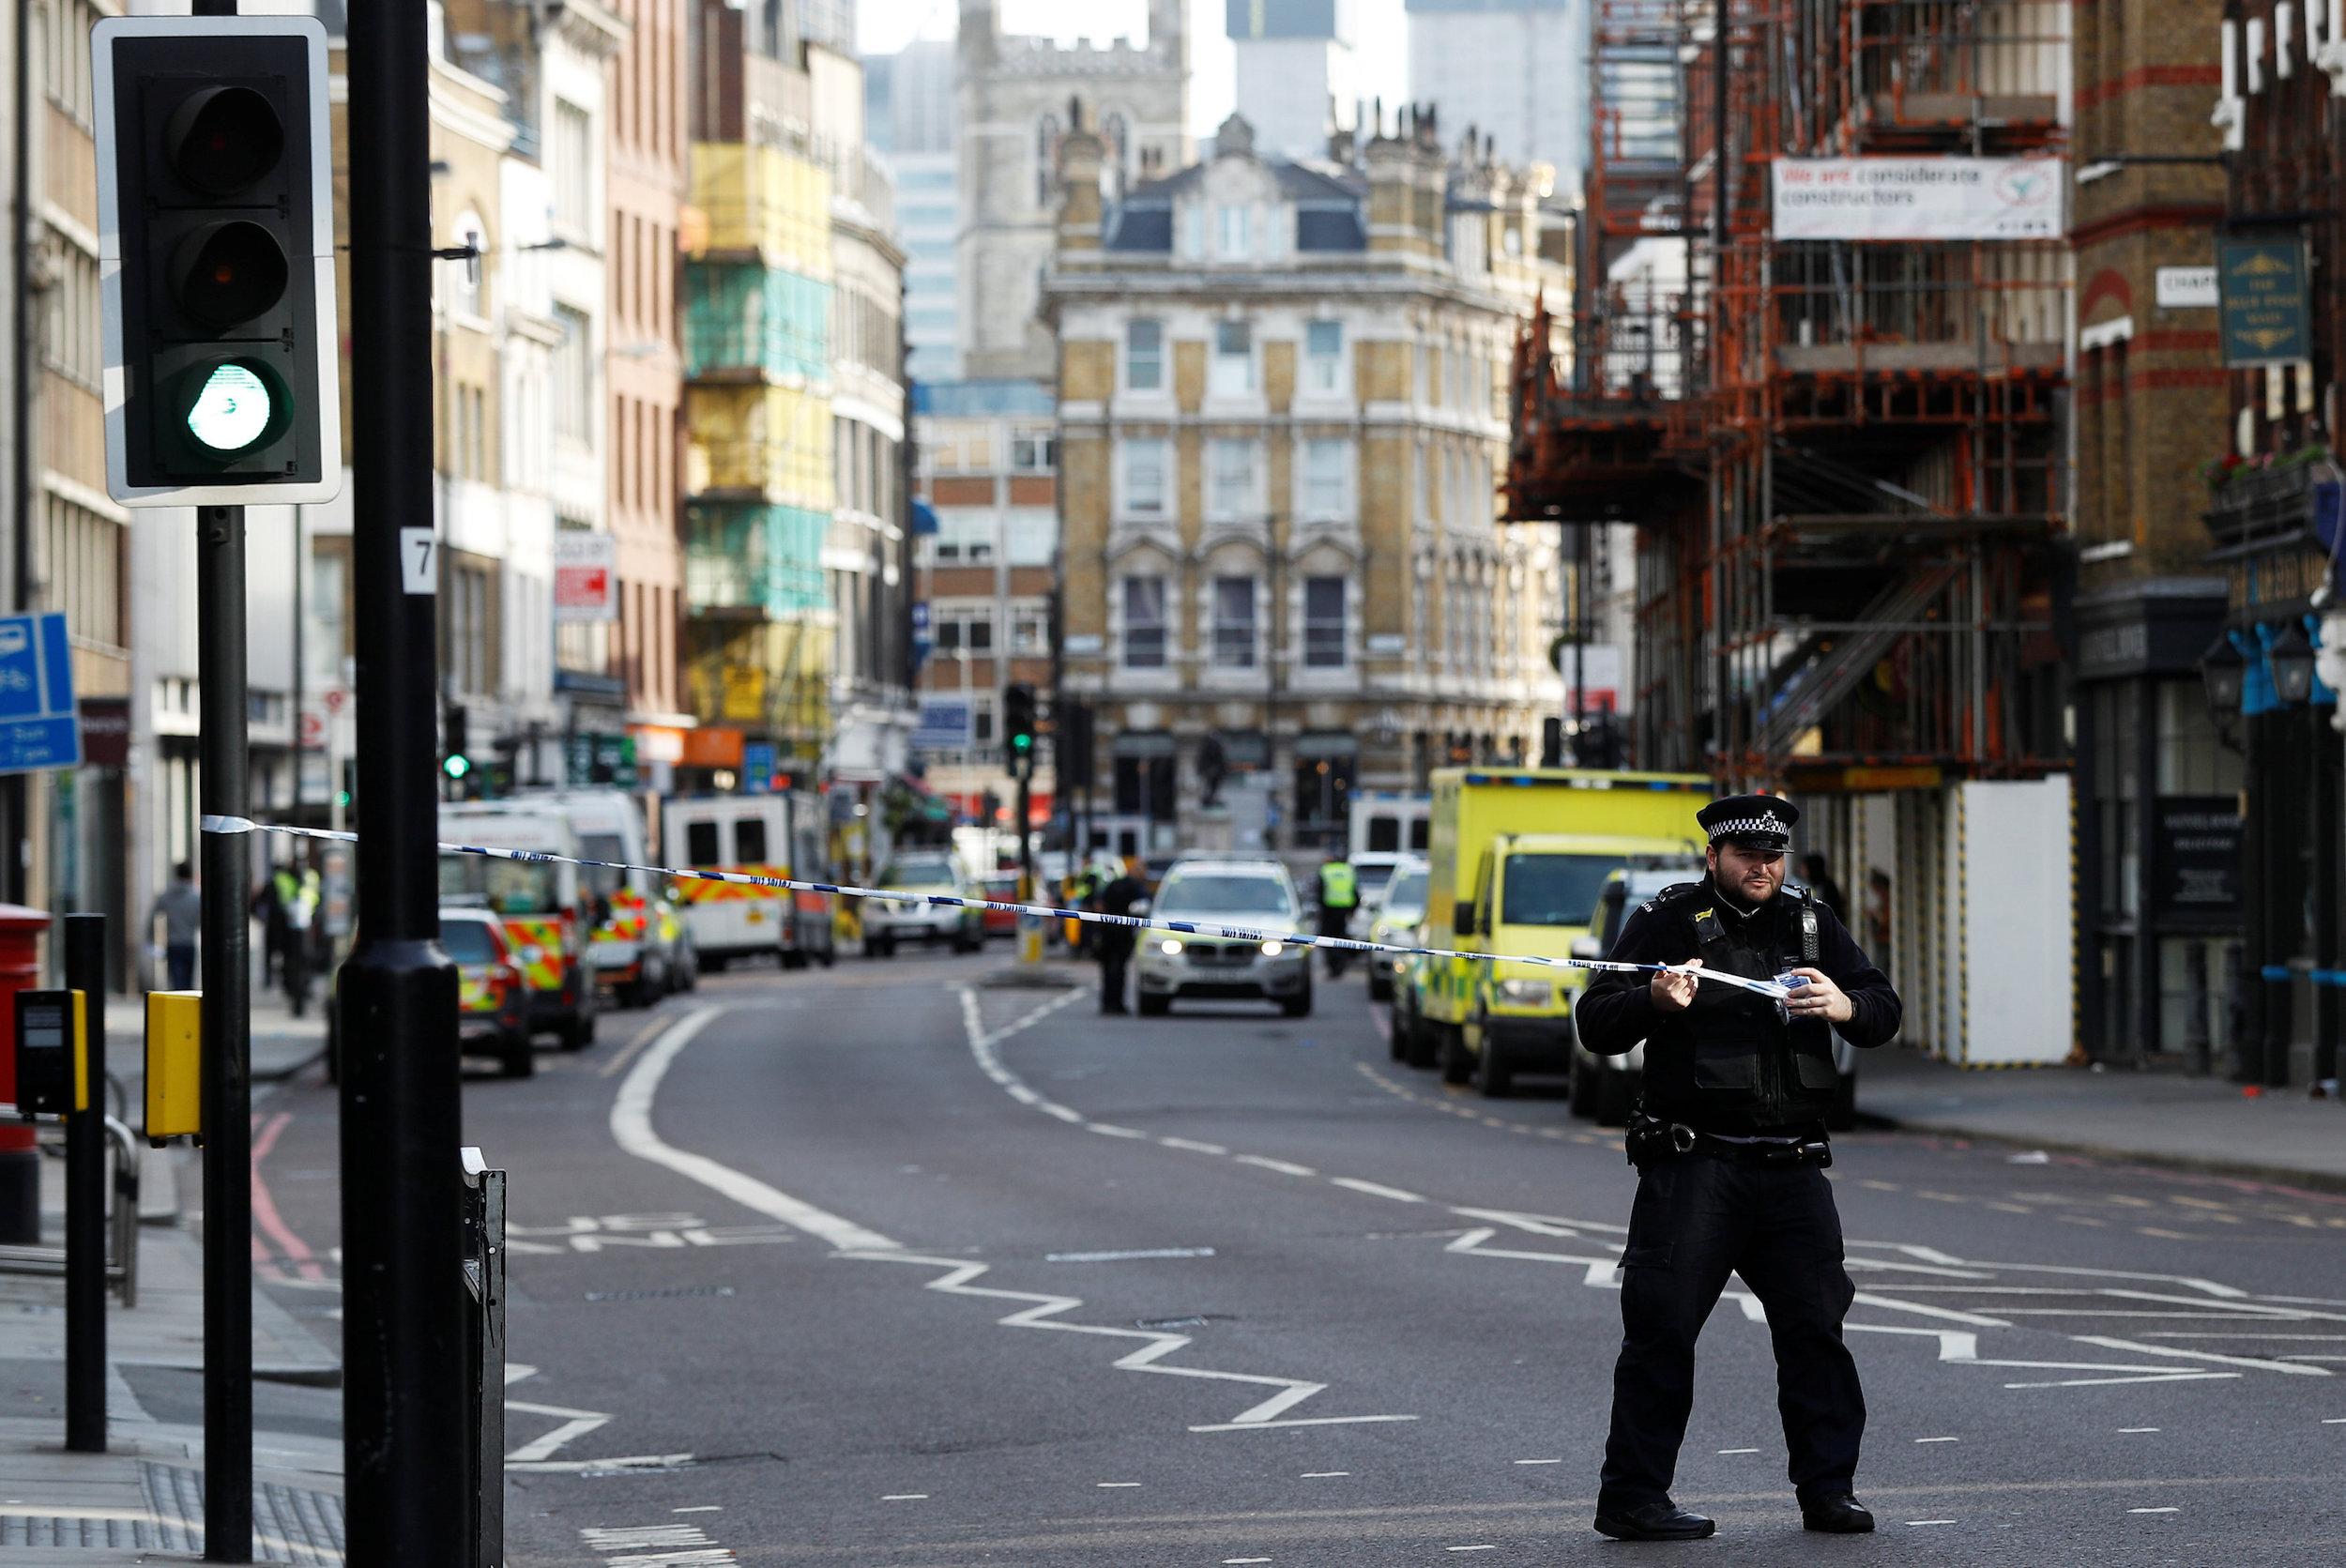 https://www.univision.com/noticias/atentado-terrorista/habia-gritos ...